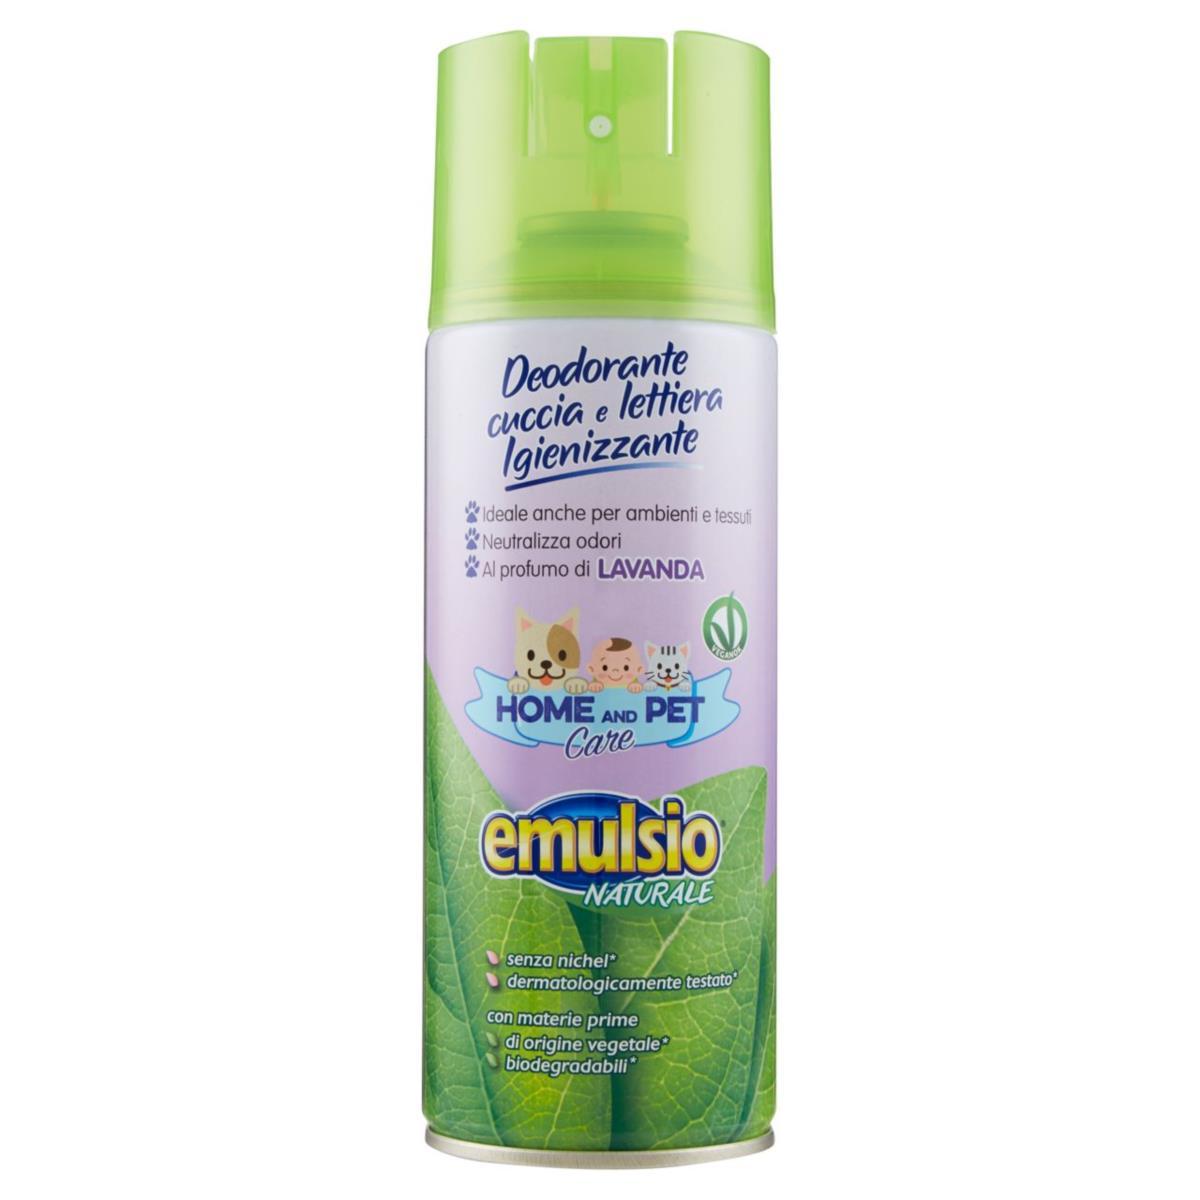 emulsio Naturale Home and Pet Care Deodorante cuccia e lettiera Igienizzante Lavanda 400 ml